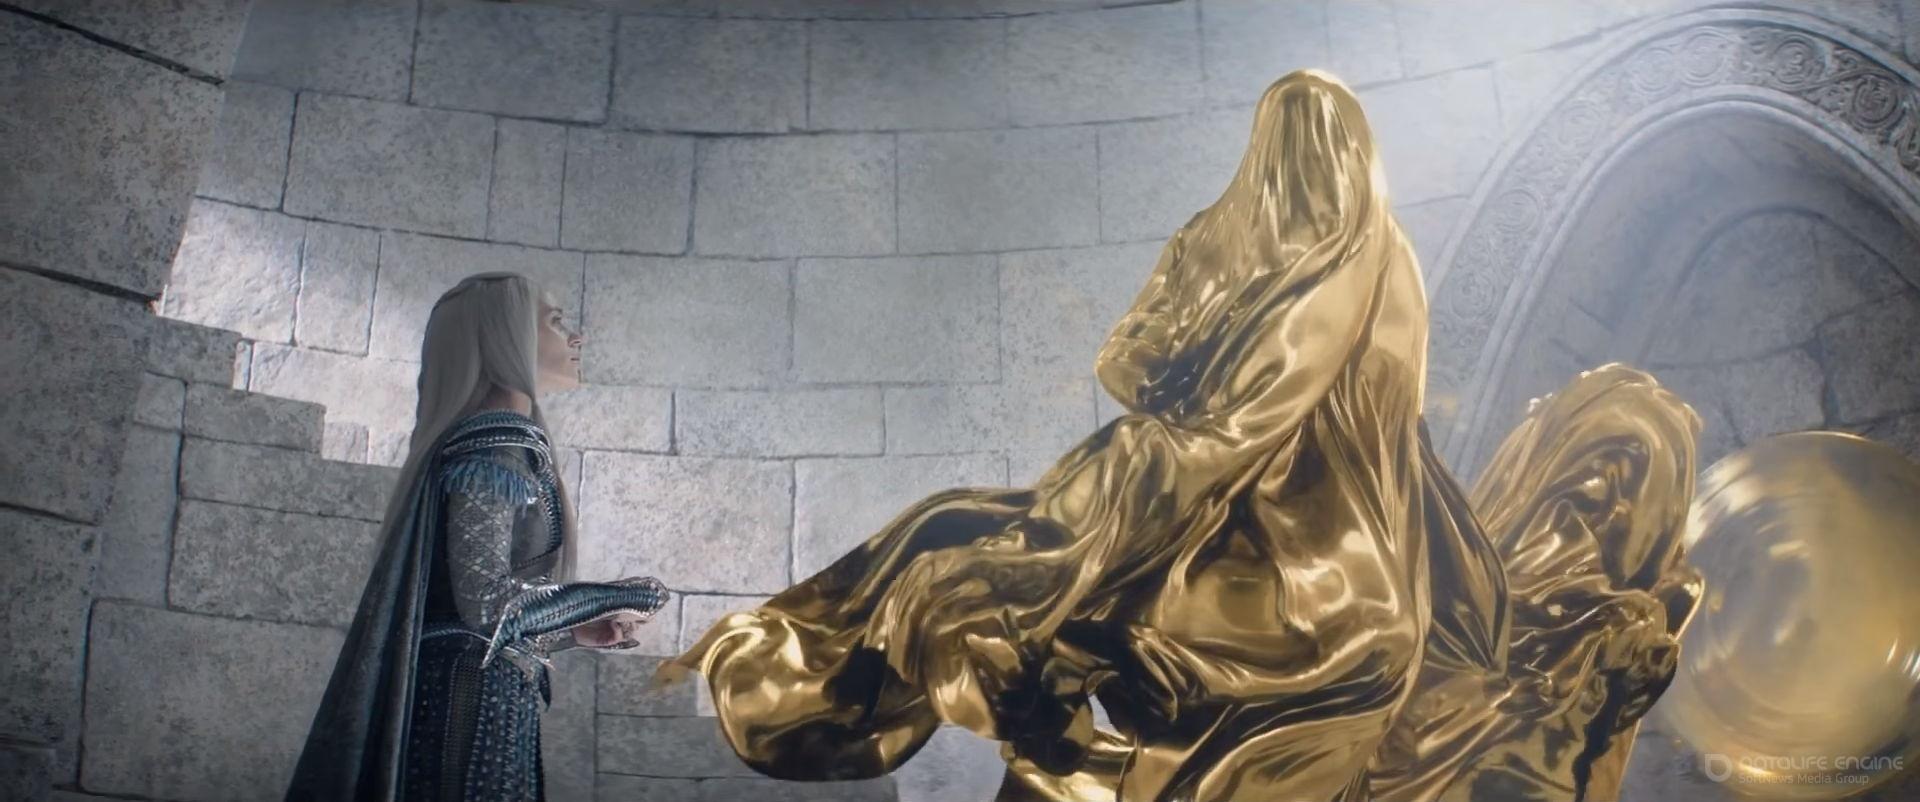 Взрывная блондинка (2017) смотреть онлайн фильм бесплатно ...